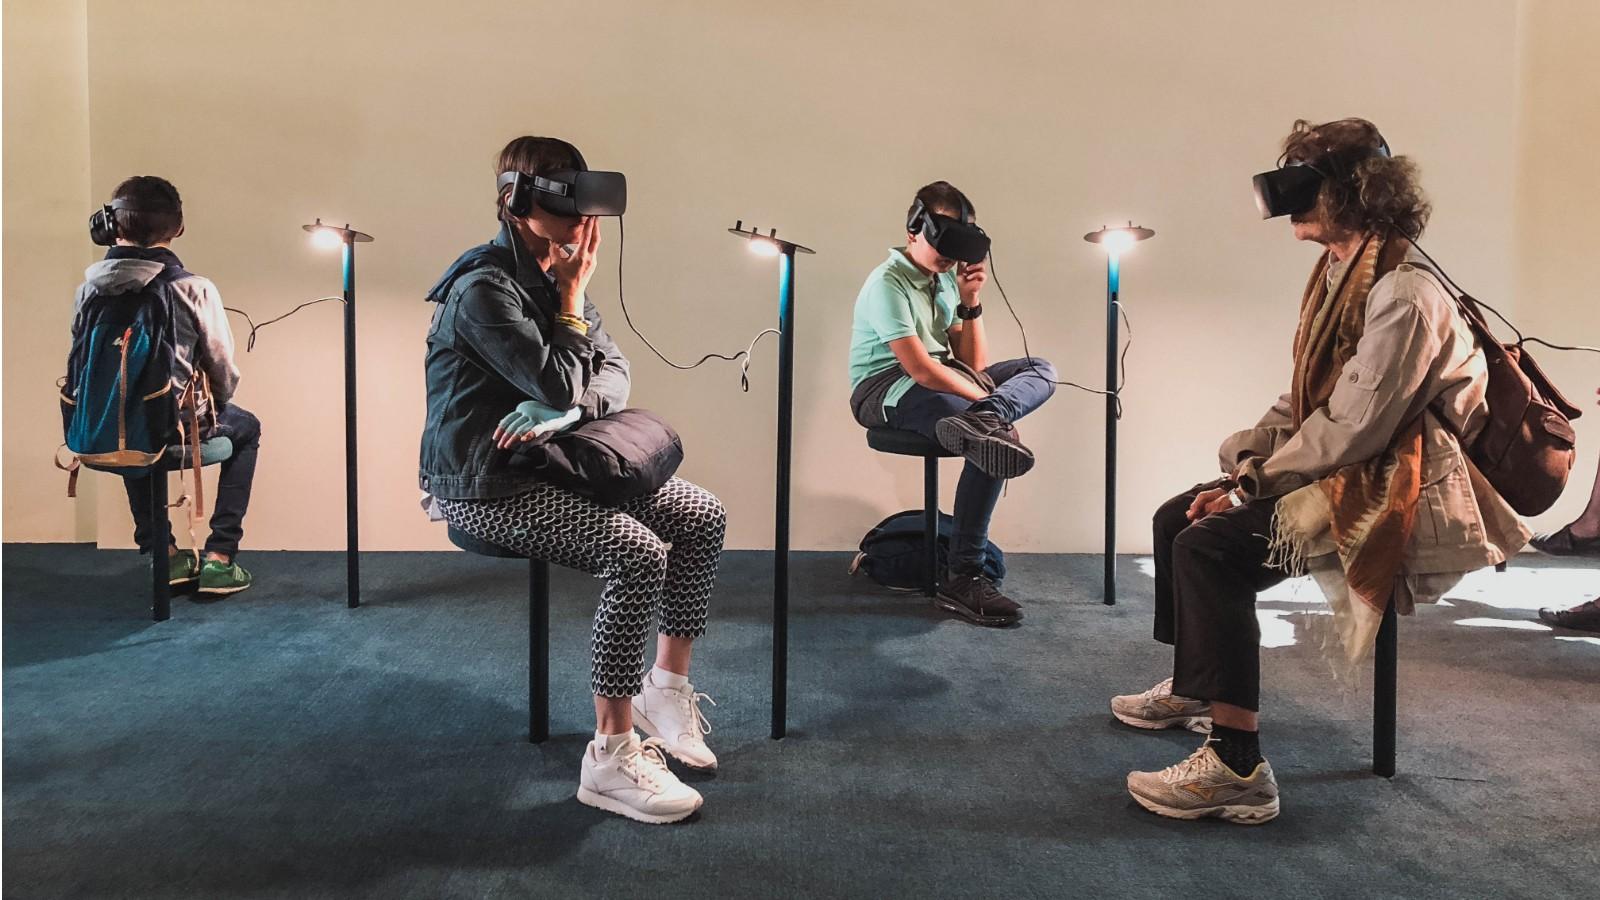 Vorschau Jahrestagung Fachverband Kulturmanagement 2020 - Kulturmanagement zwischen Materialität und Digitalisierung